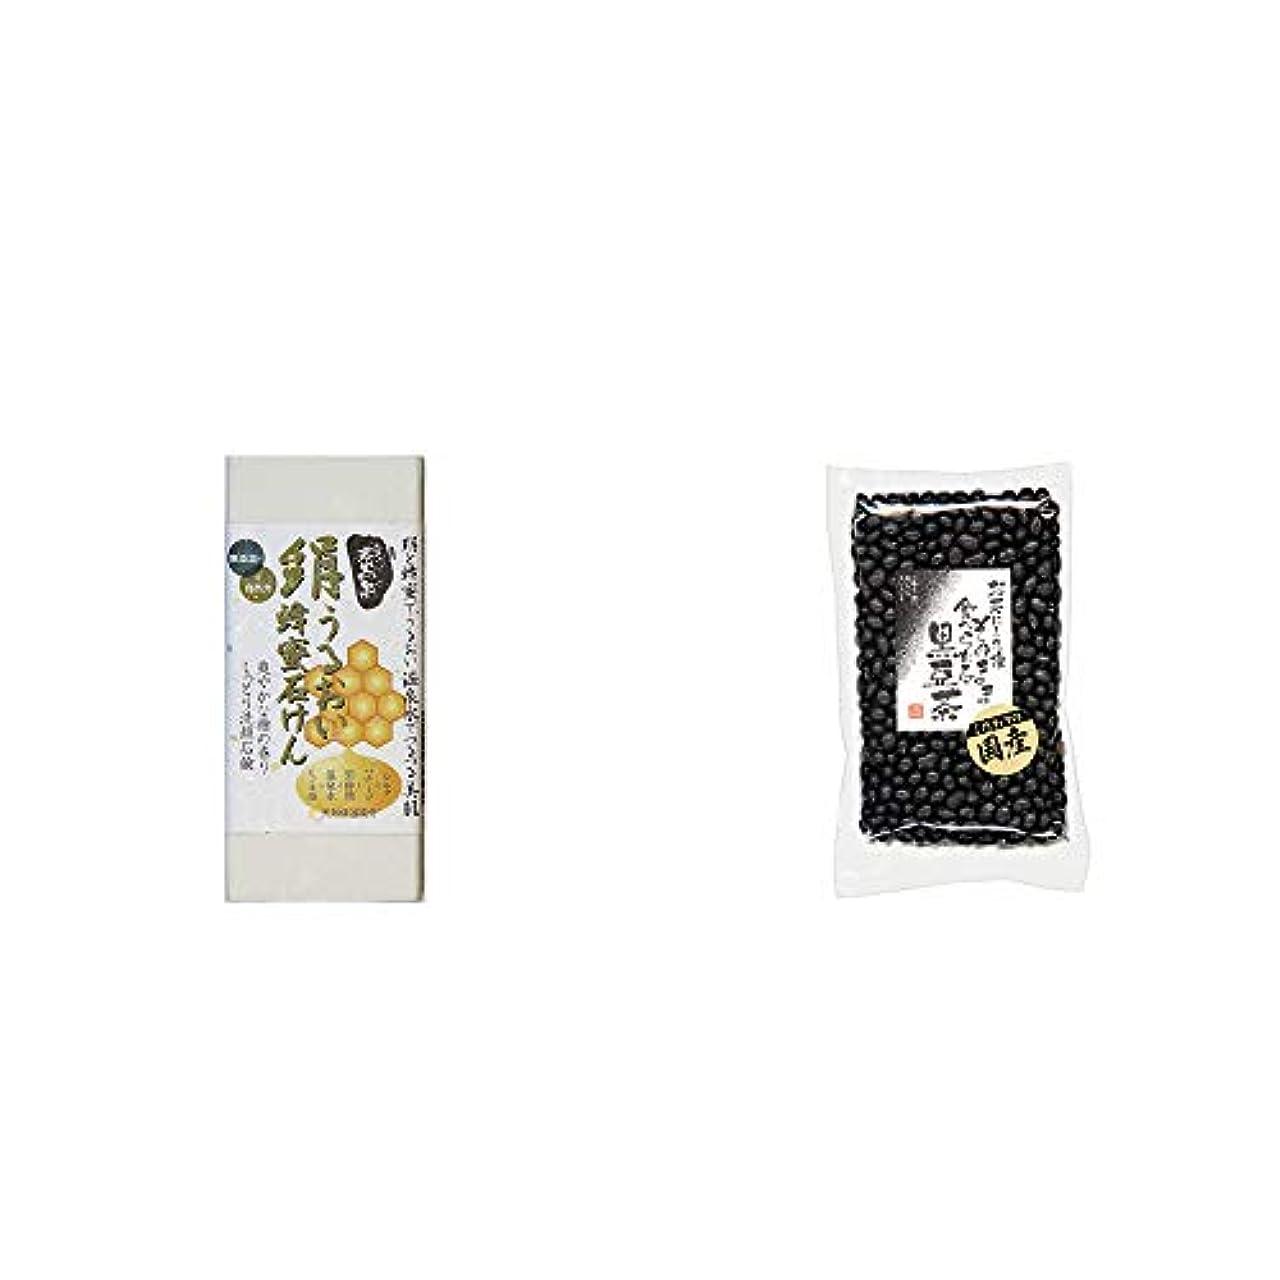 マーキーいろいろストレージ[2点セット] ひのき炭黒泉 絹うるおい蜂蜜石けん(75g×2)?国産 黒豆茶(200g)